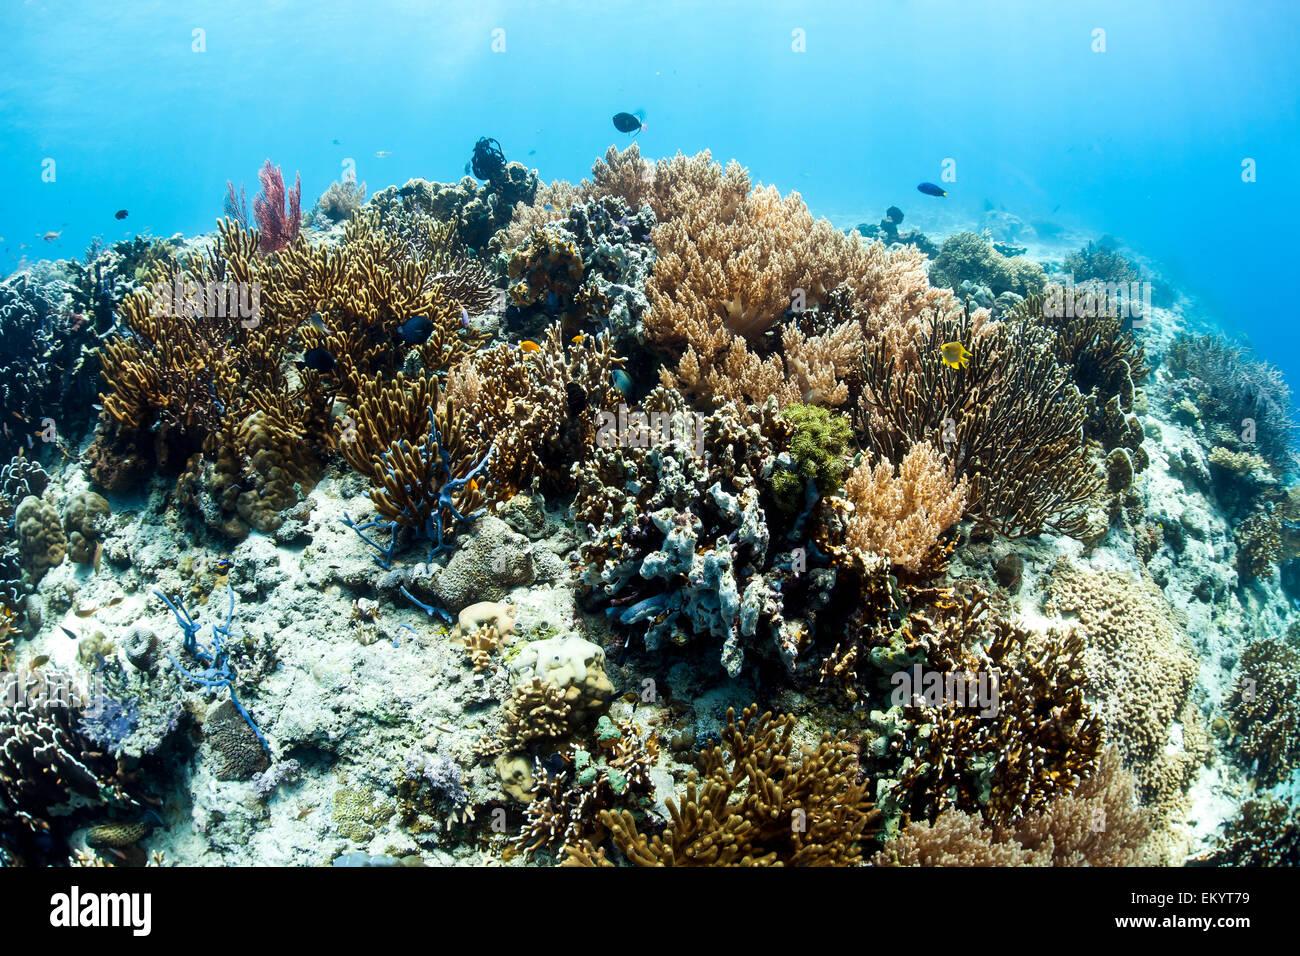 Coral reef at Menjangan, Bali, Indonesia island - Stock Image